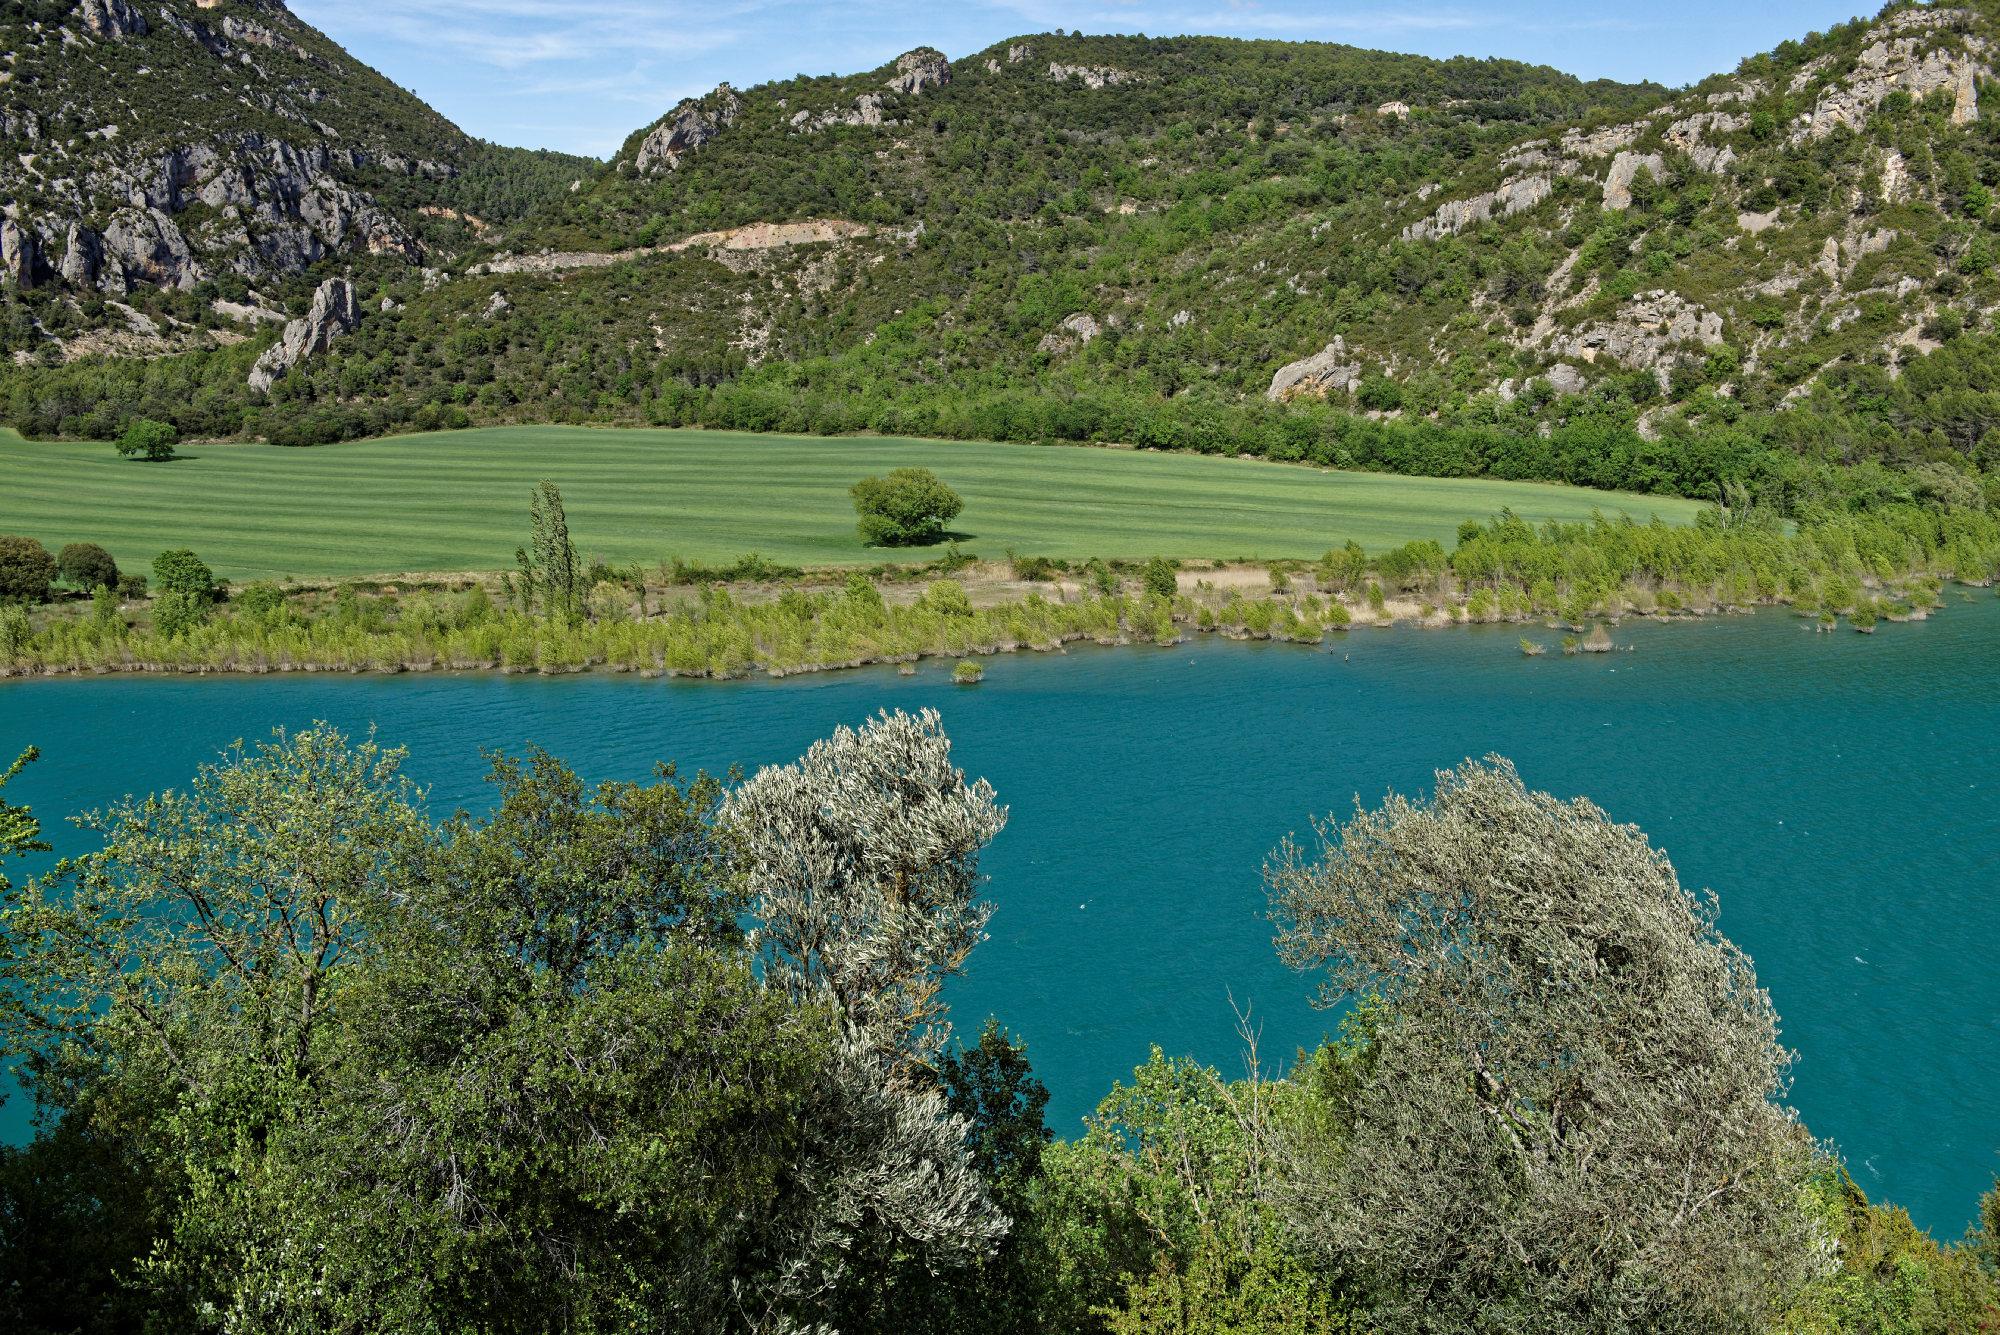 150428-Lac Mediano - Chateau Samitier - Liguerre de Cinca (Sobrarbe) (208)